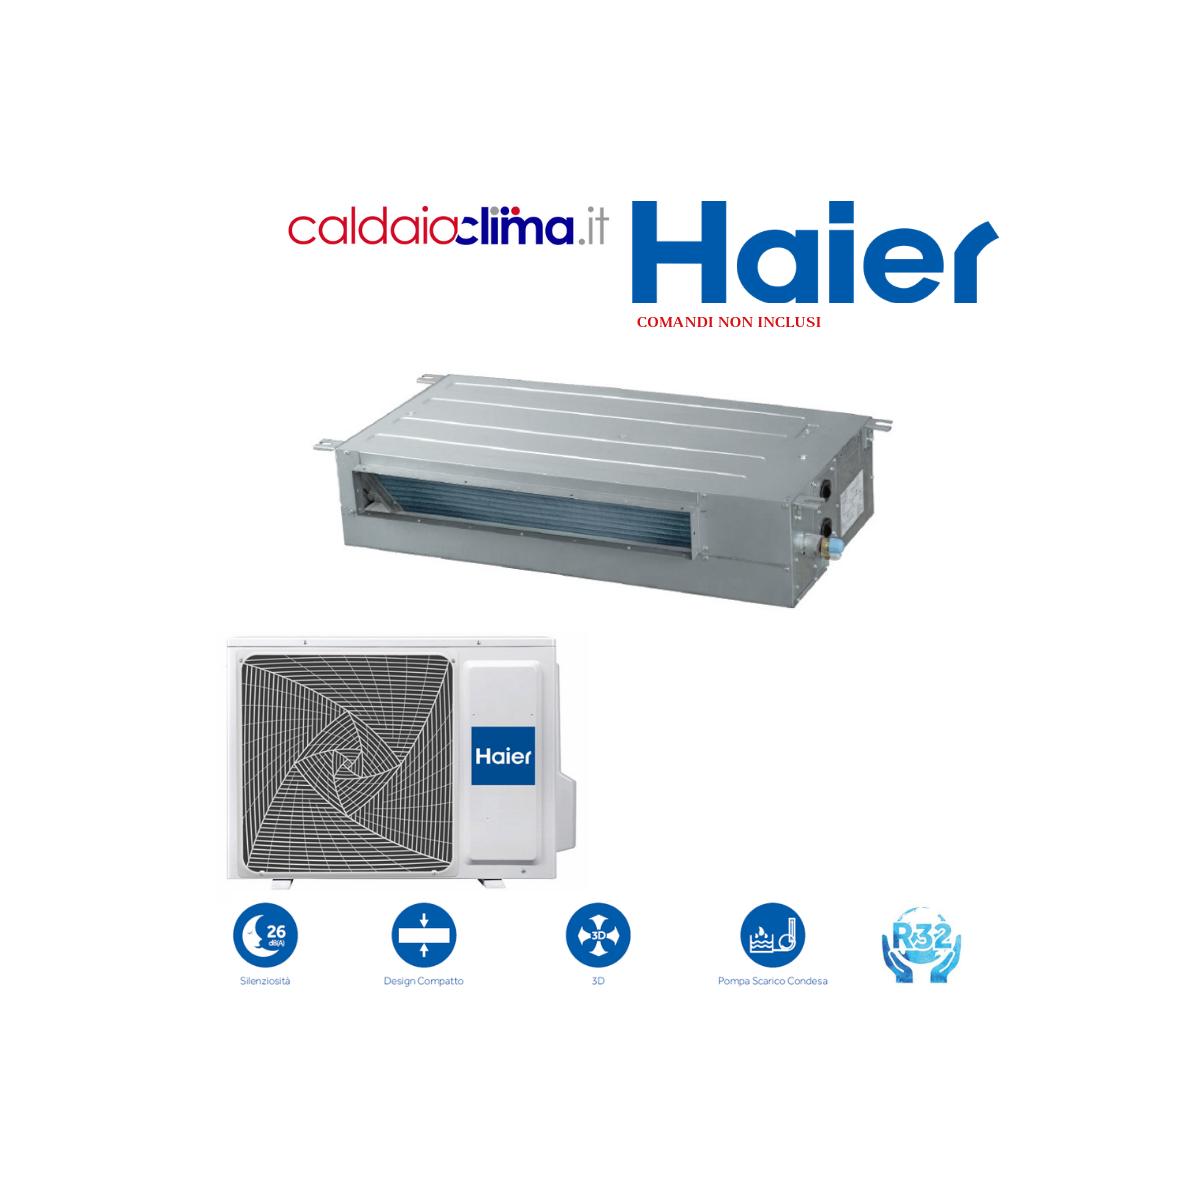 Climatizzatore Haier Canalizzato Slim Bassa Pressione 12000 BTU R-32